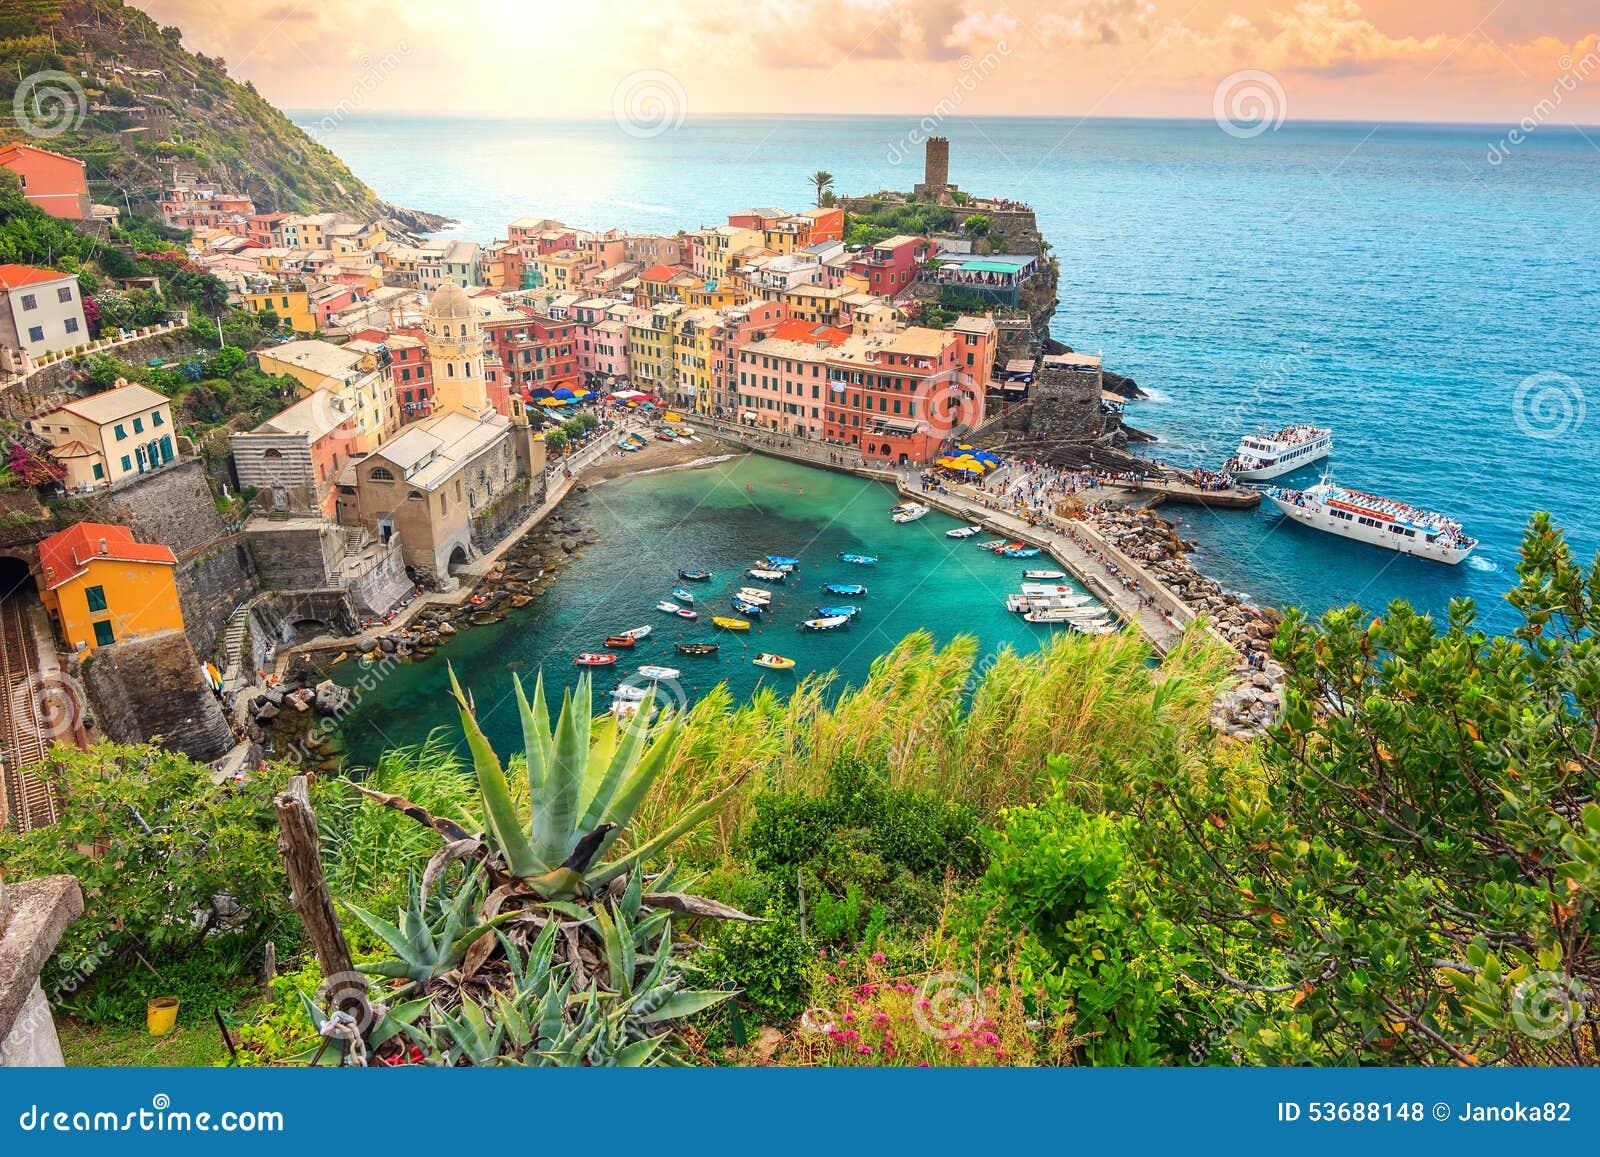 韦尔纳扎村庄和惊人的日出,五乡地,意大利,欧洲